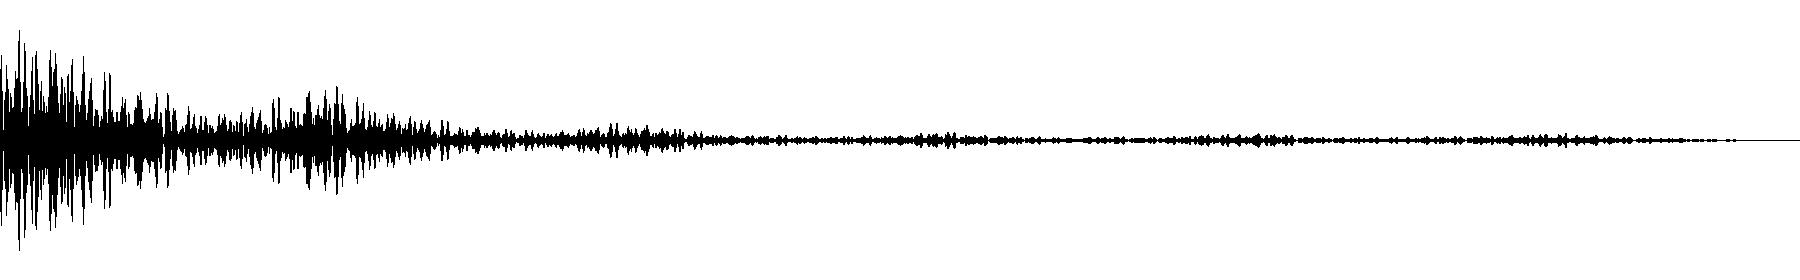 vedh synth cut 095 fm9